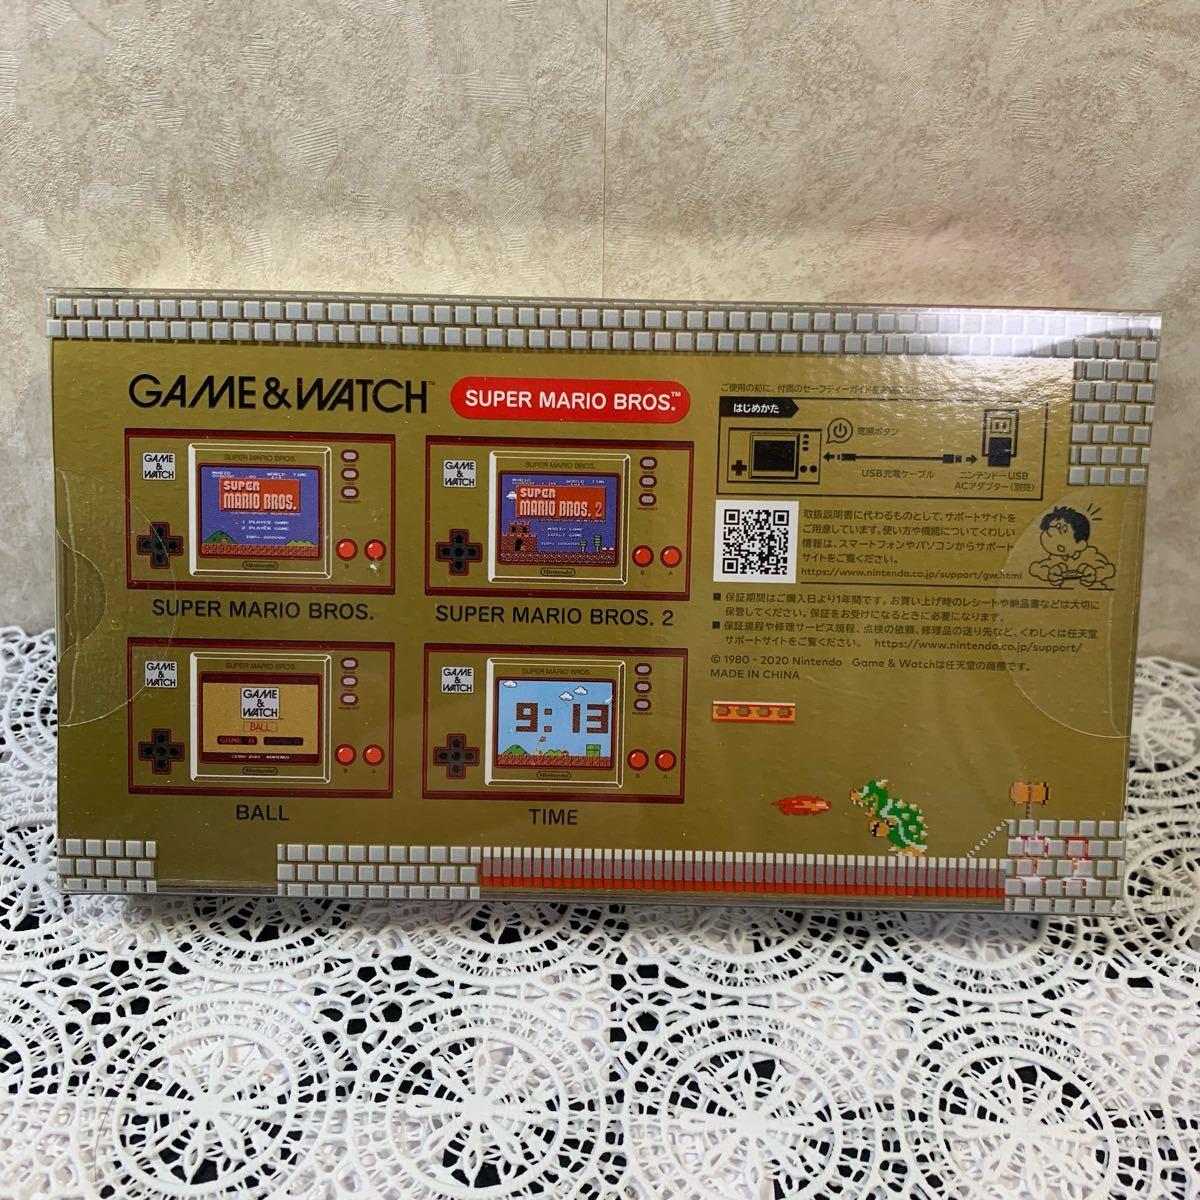 新品未開封  ゲーム&ウオッチ スーパーマリオブラザーズ GAME&WATCH 任天堂 Nintendo ニンテンドー 任天堂